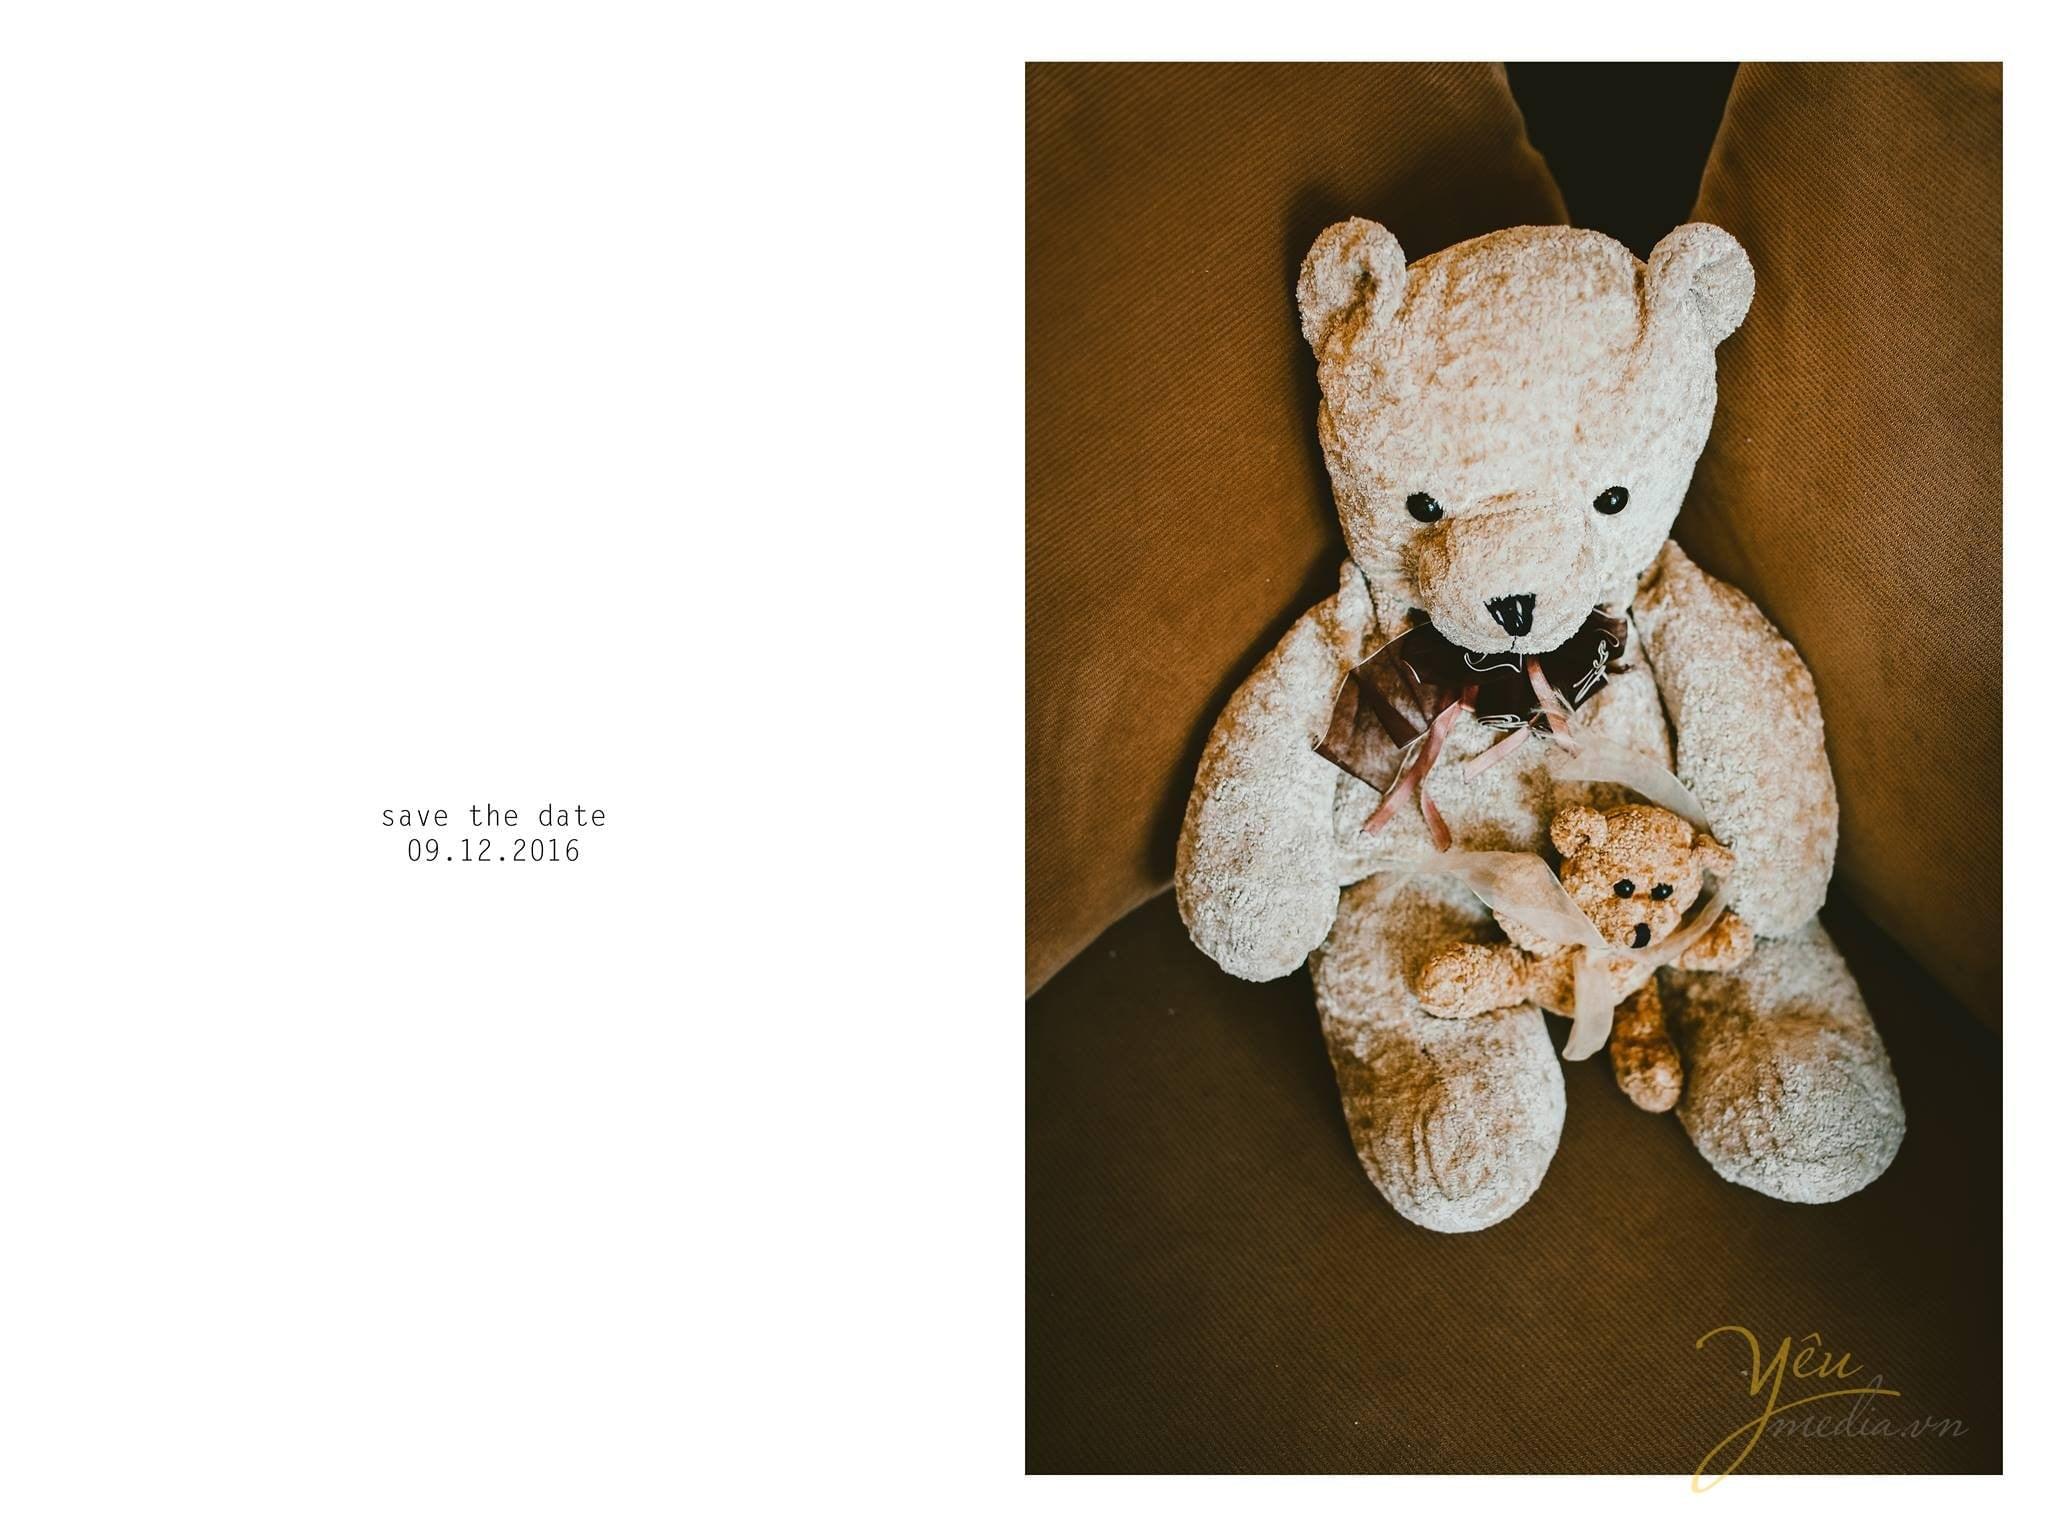 gấu teddy hành trang cùng cô dâu về nhà chồng